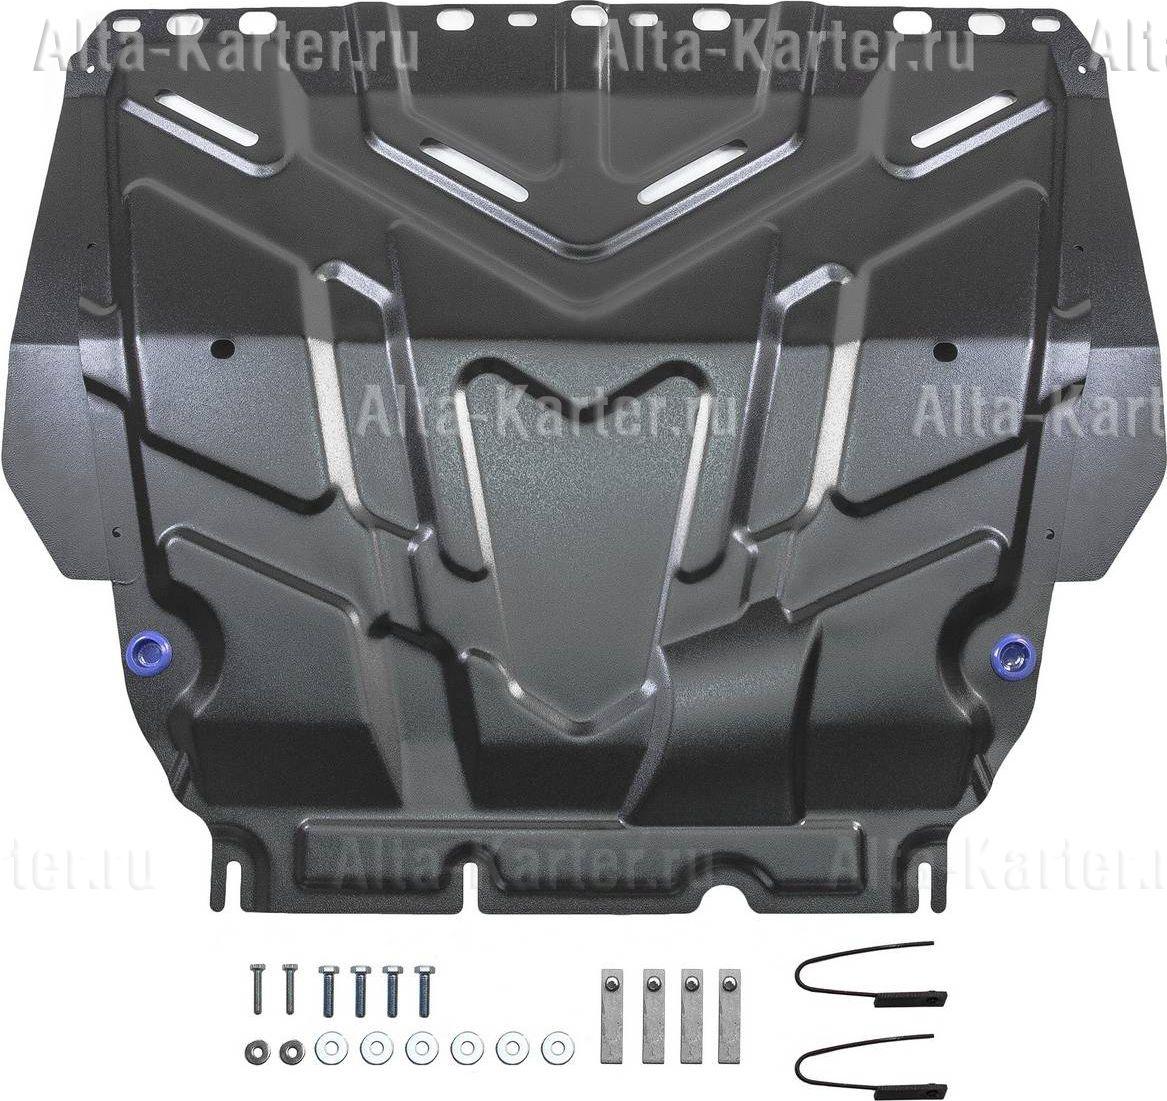 Защита Rival для картера и КПП Ford C-Max I 2003-2010. Артикул 111.1850.1